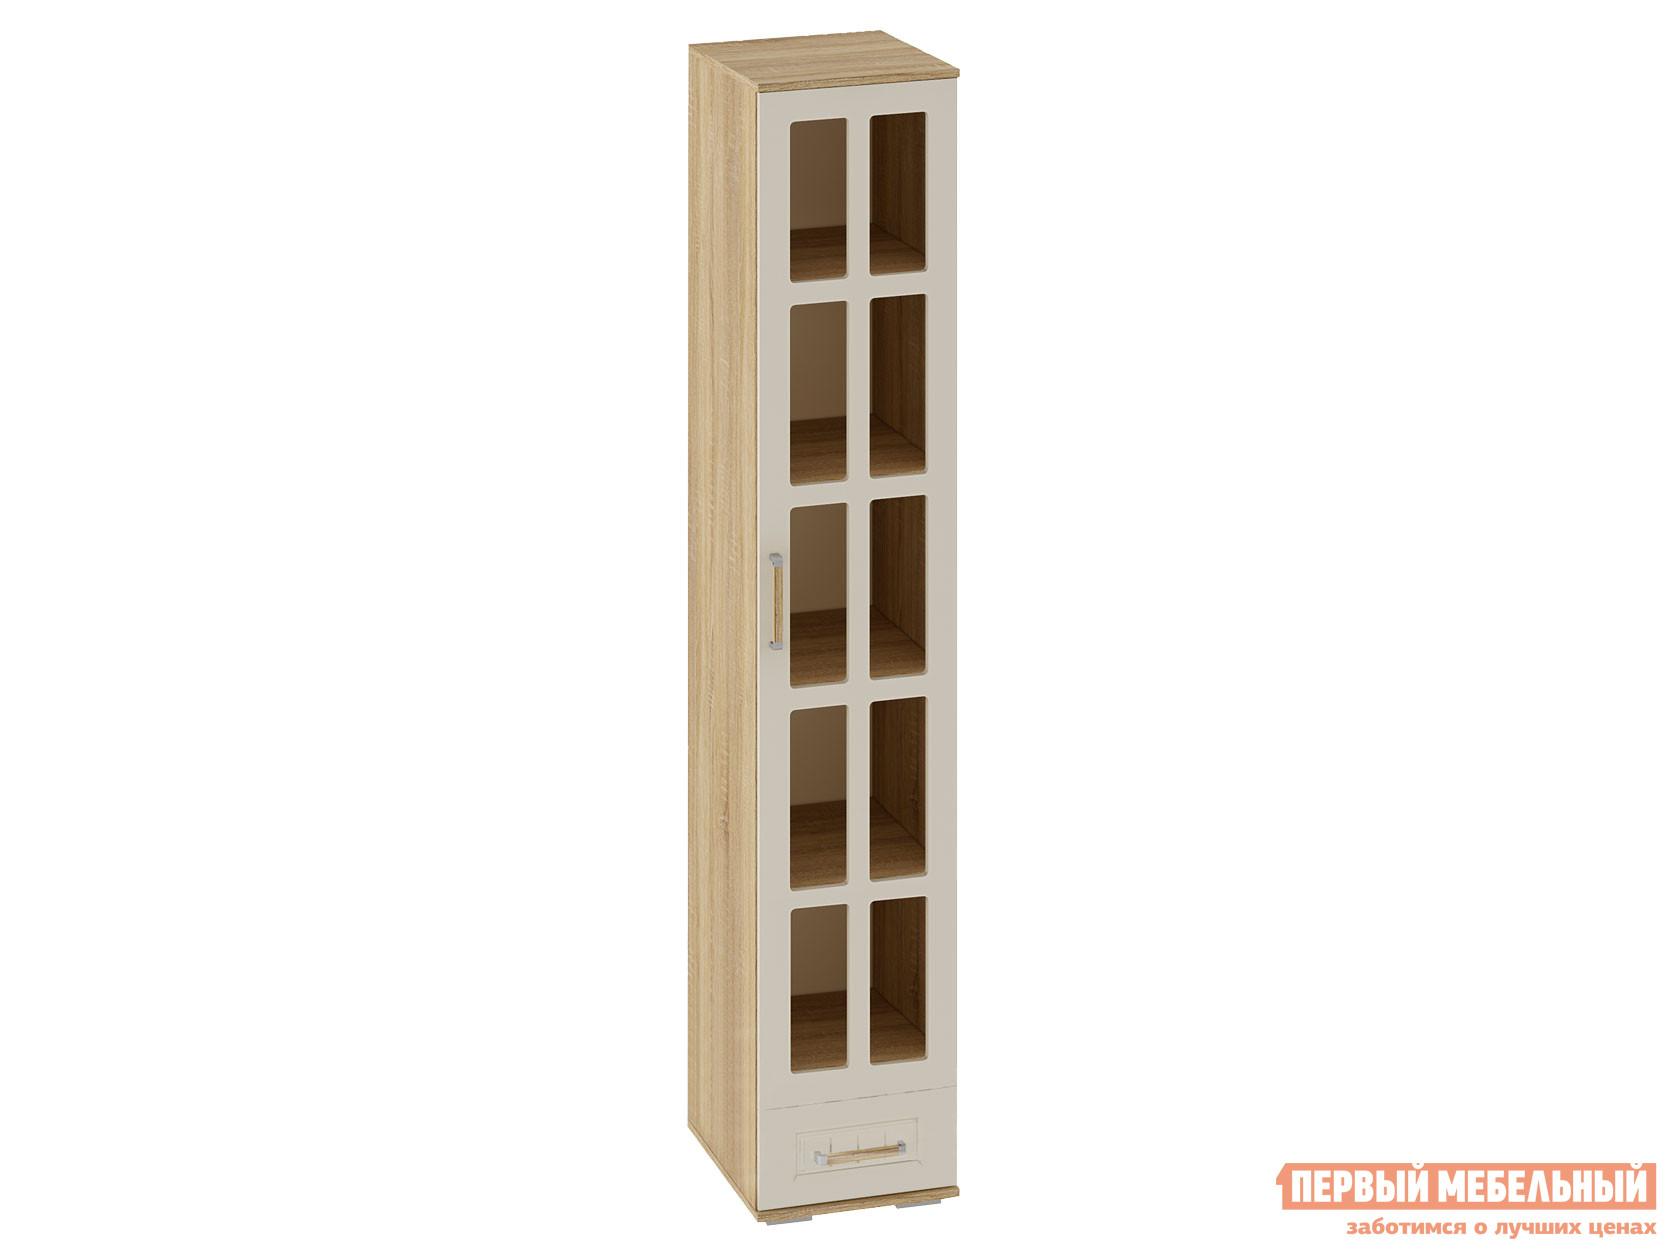 цена на Шкаф-витрина Первый Мебельный Узкий шкаф-витрина Маркиза